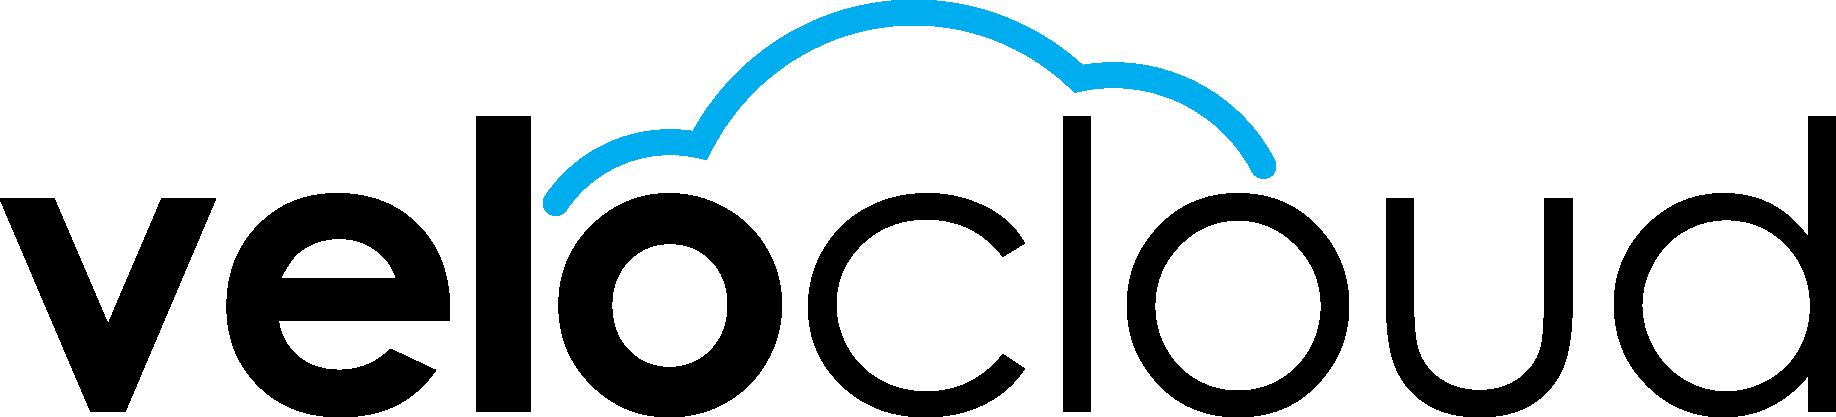 velocloud logo.png